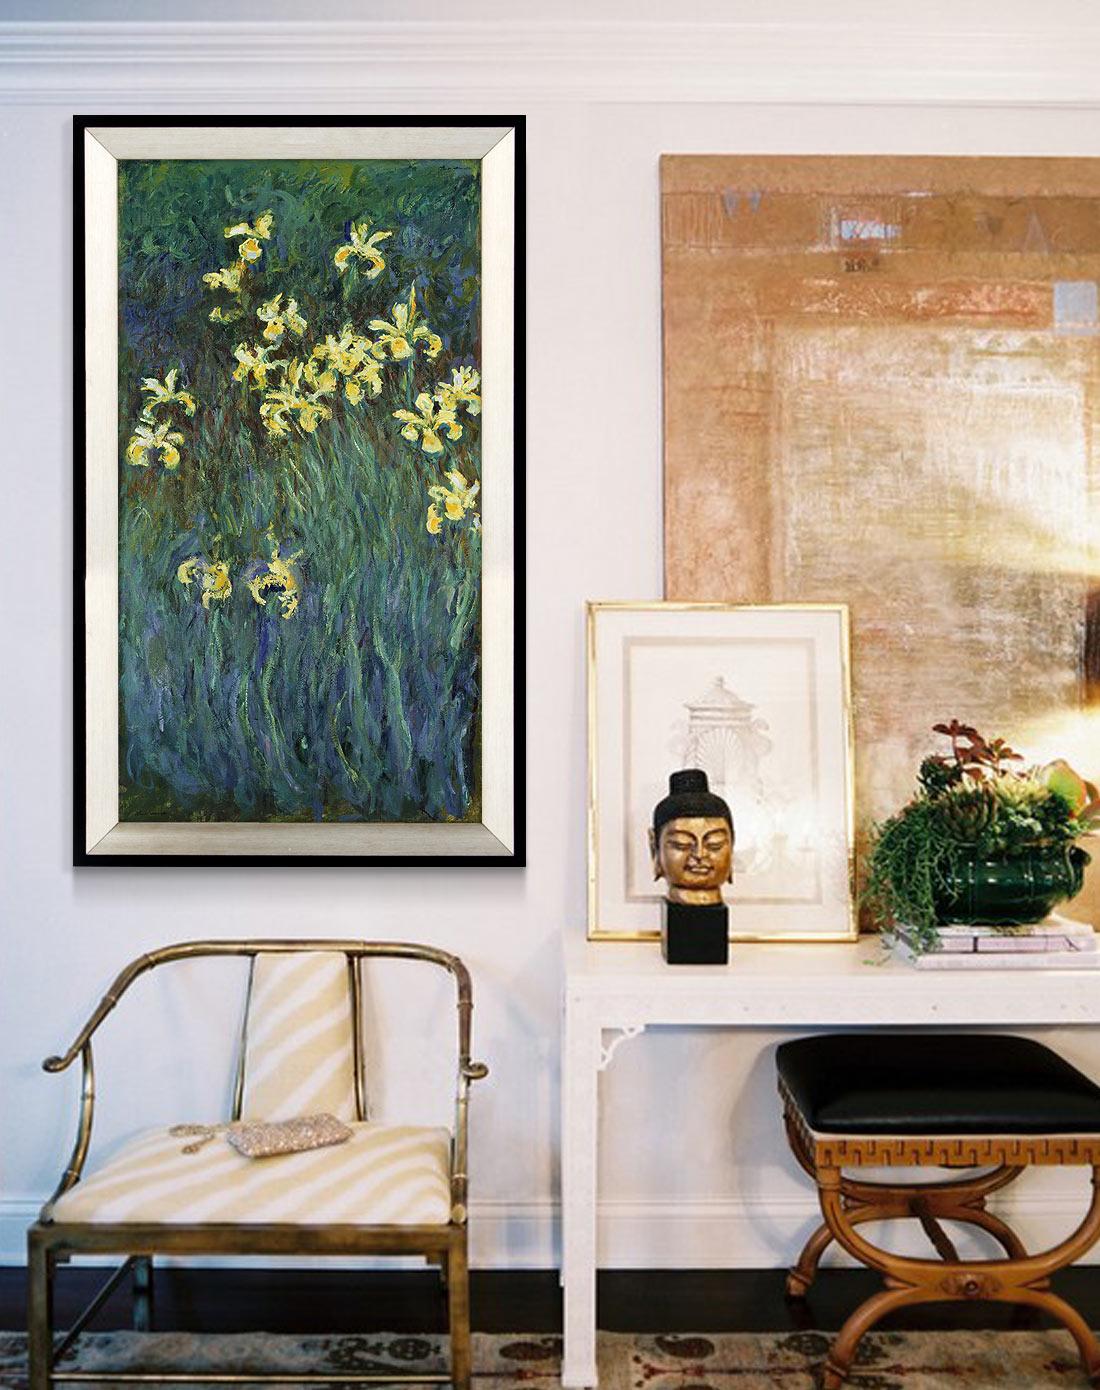 柠檬树家居装饰专场中式客厅装饰画 莫奈黄色茑尾花k4